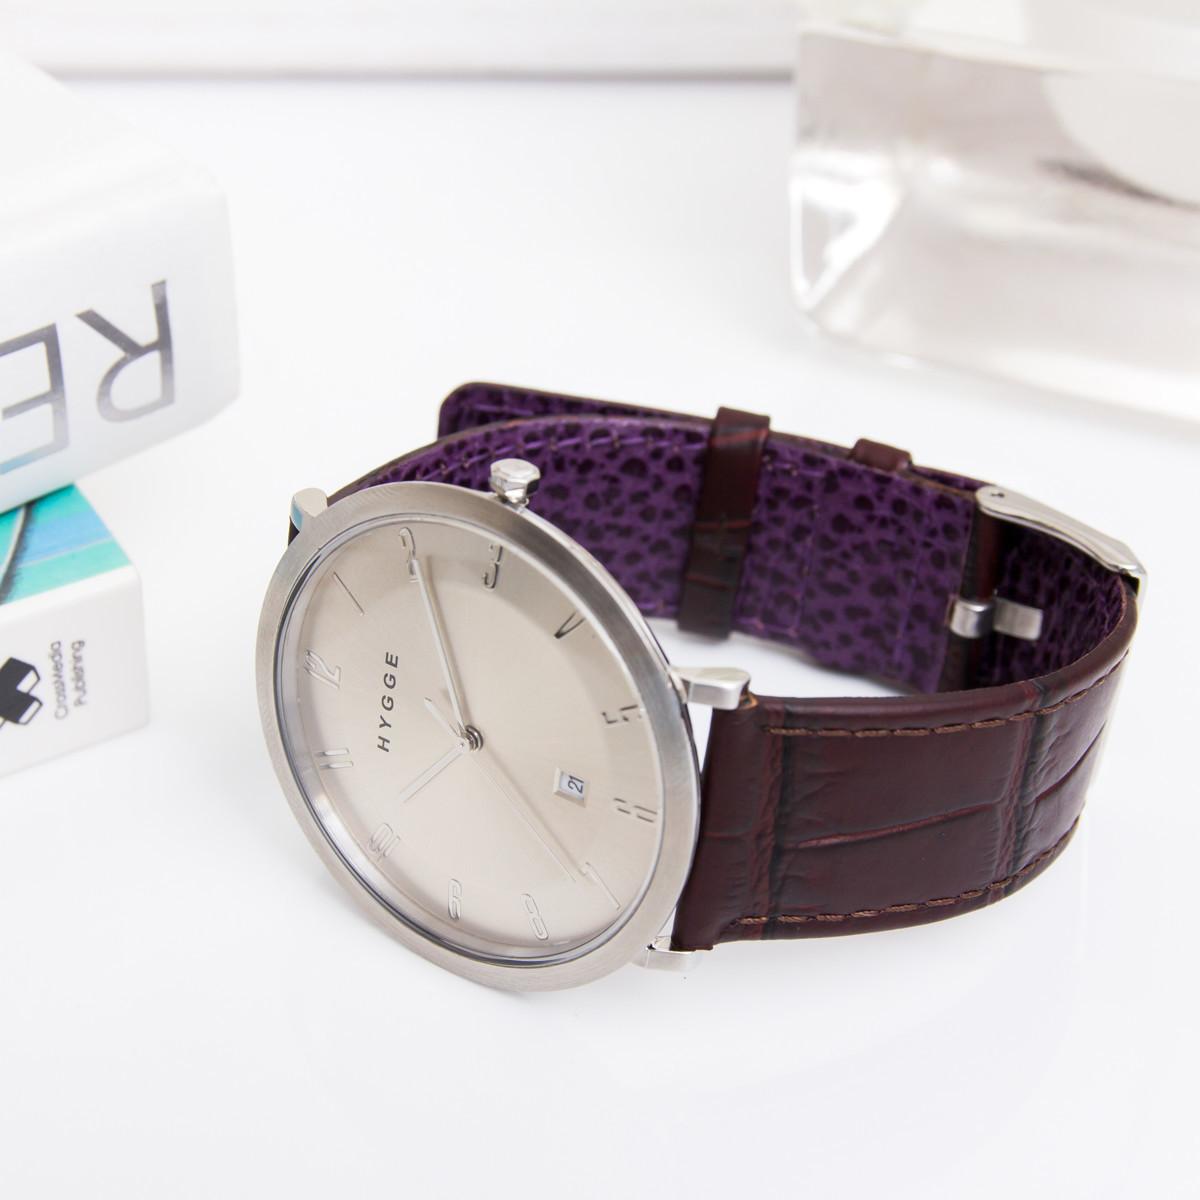 """自由を生み出す『薄さ2.33ミリ』のムーブメント 肌に触れる面積が1/3、""""薄い・軽い"""" 装着感の腕時計《LEATHER BAND》   HYGGE"""